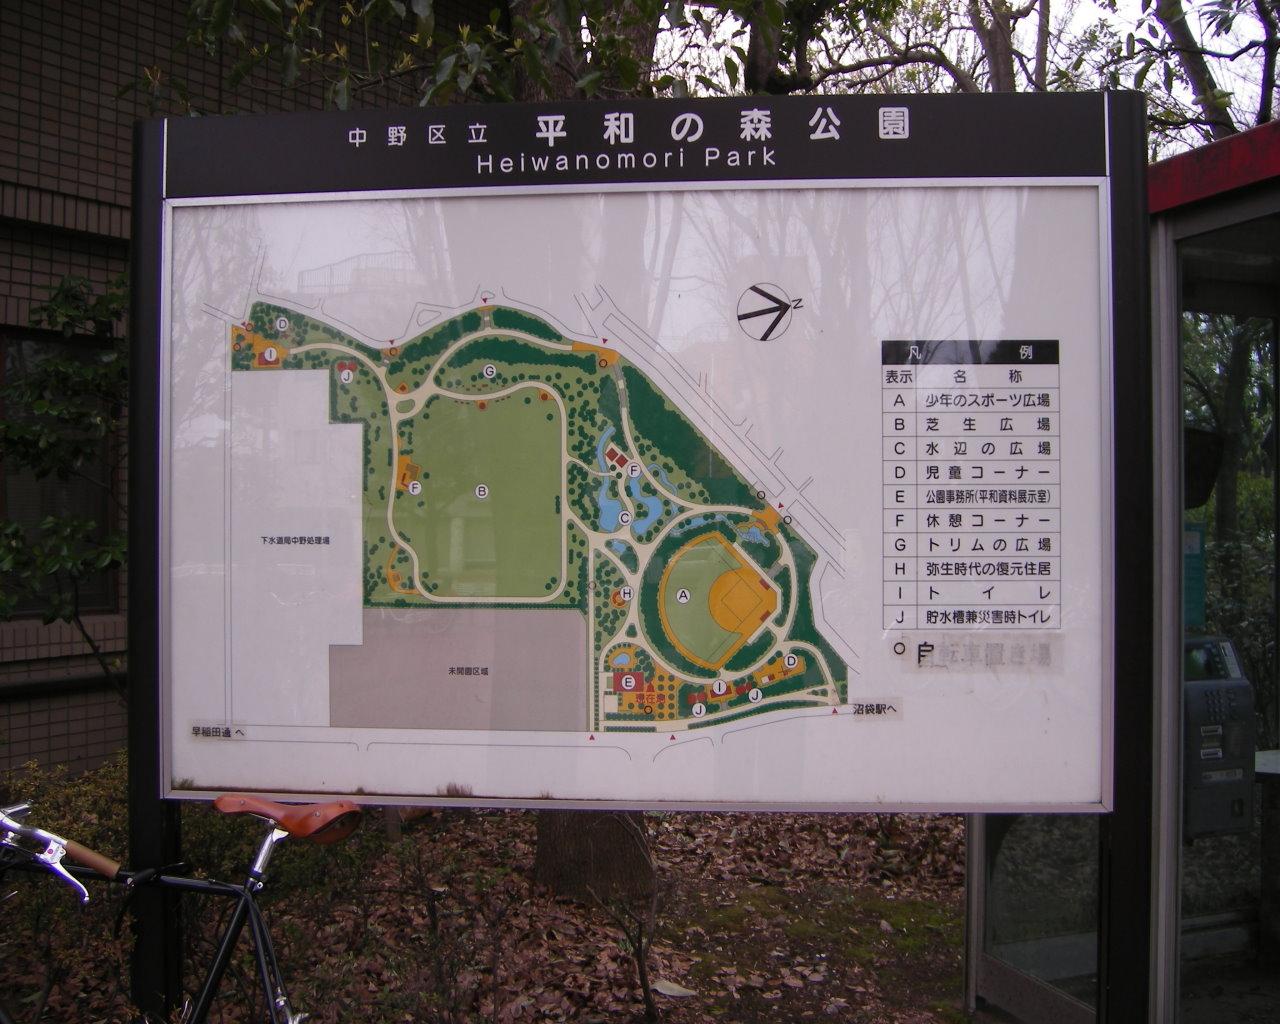 平和の森公園の入り口